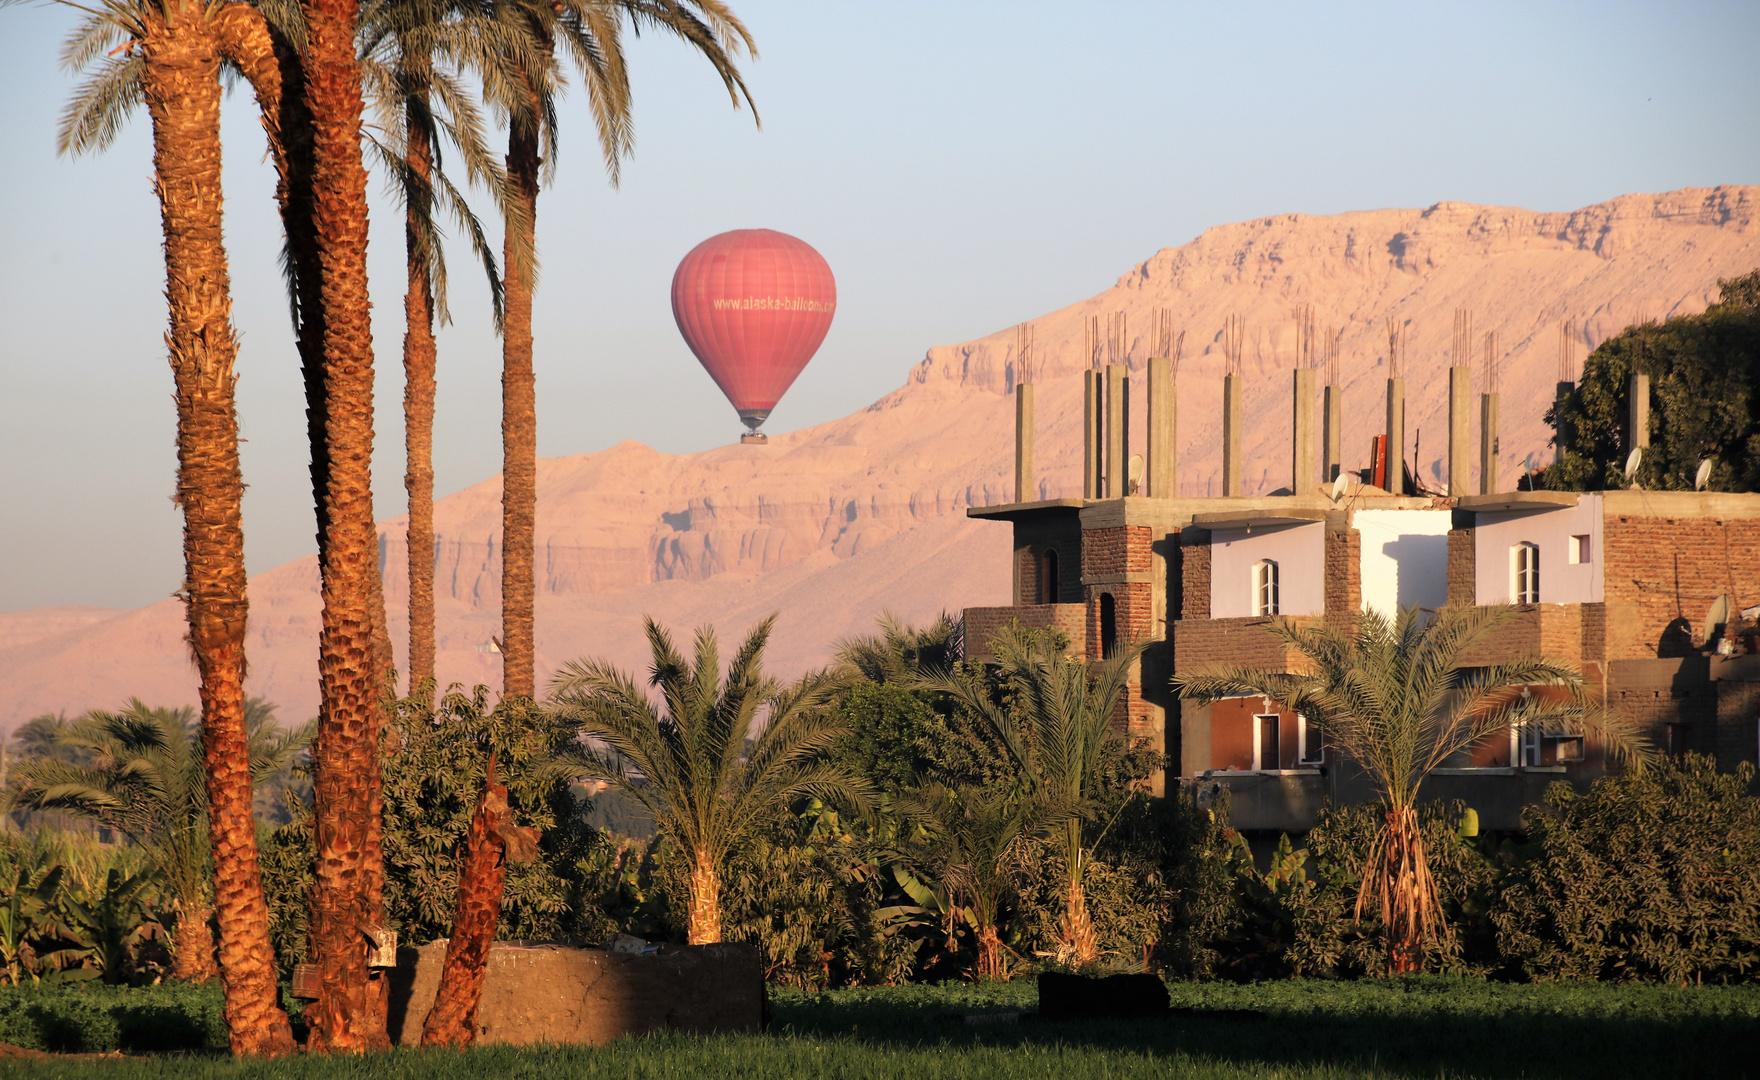 Ballon Luxor egypt